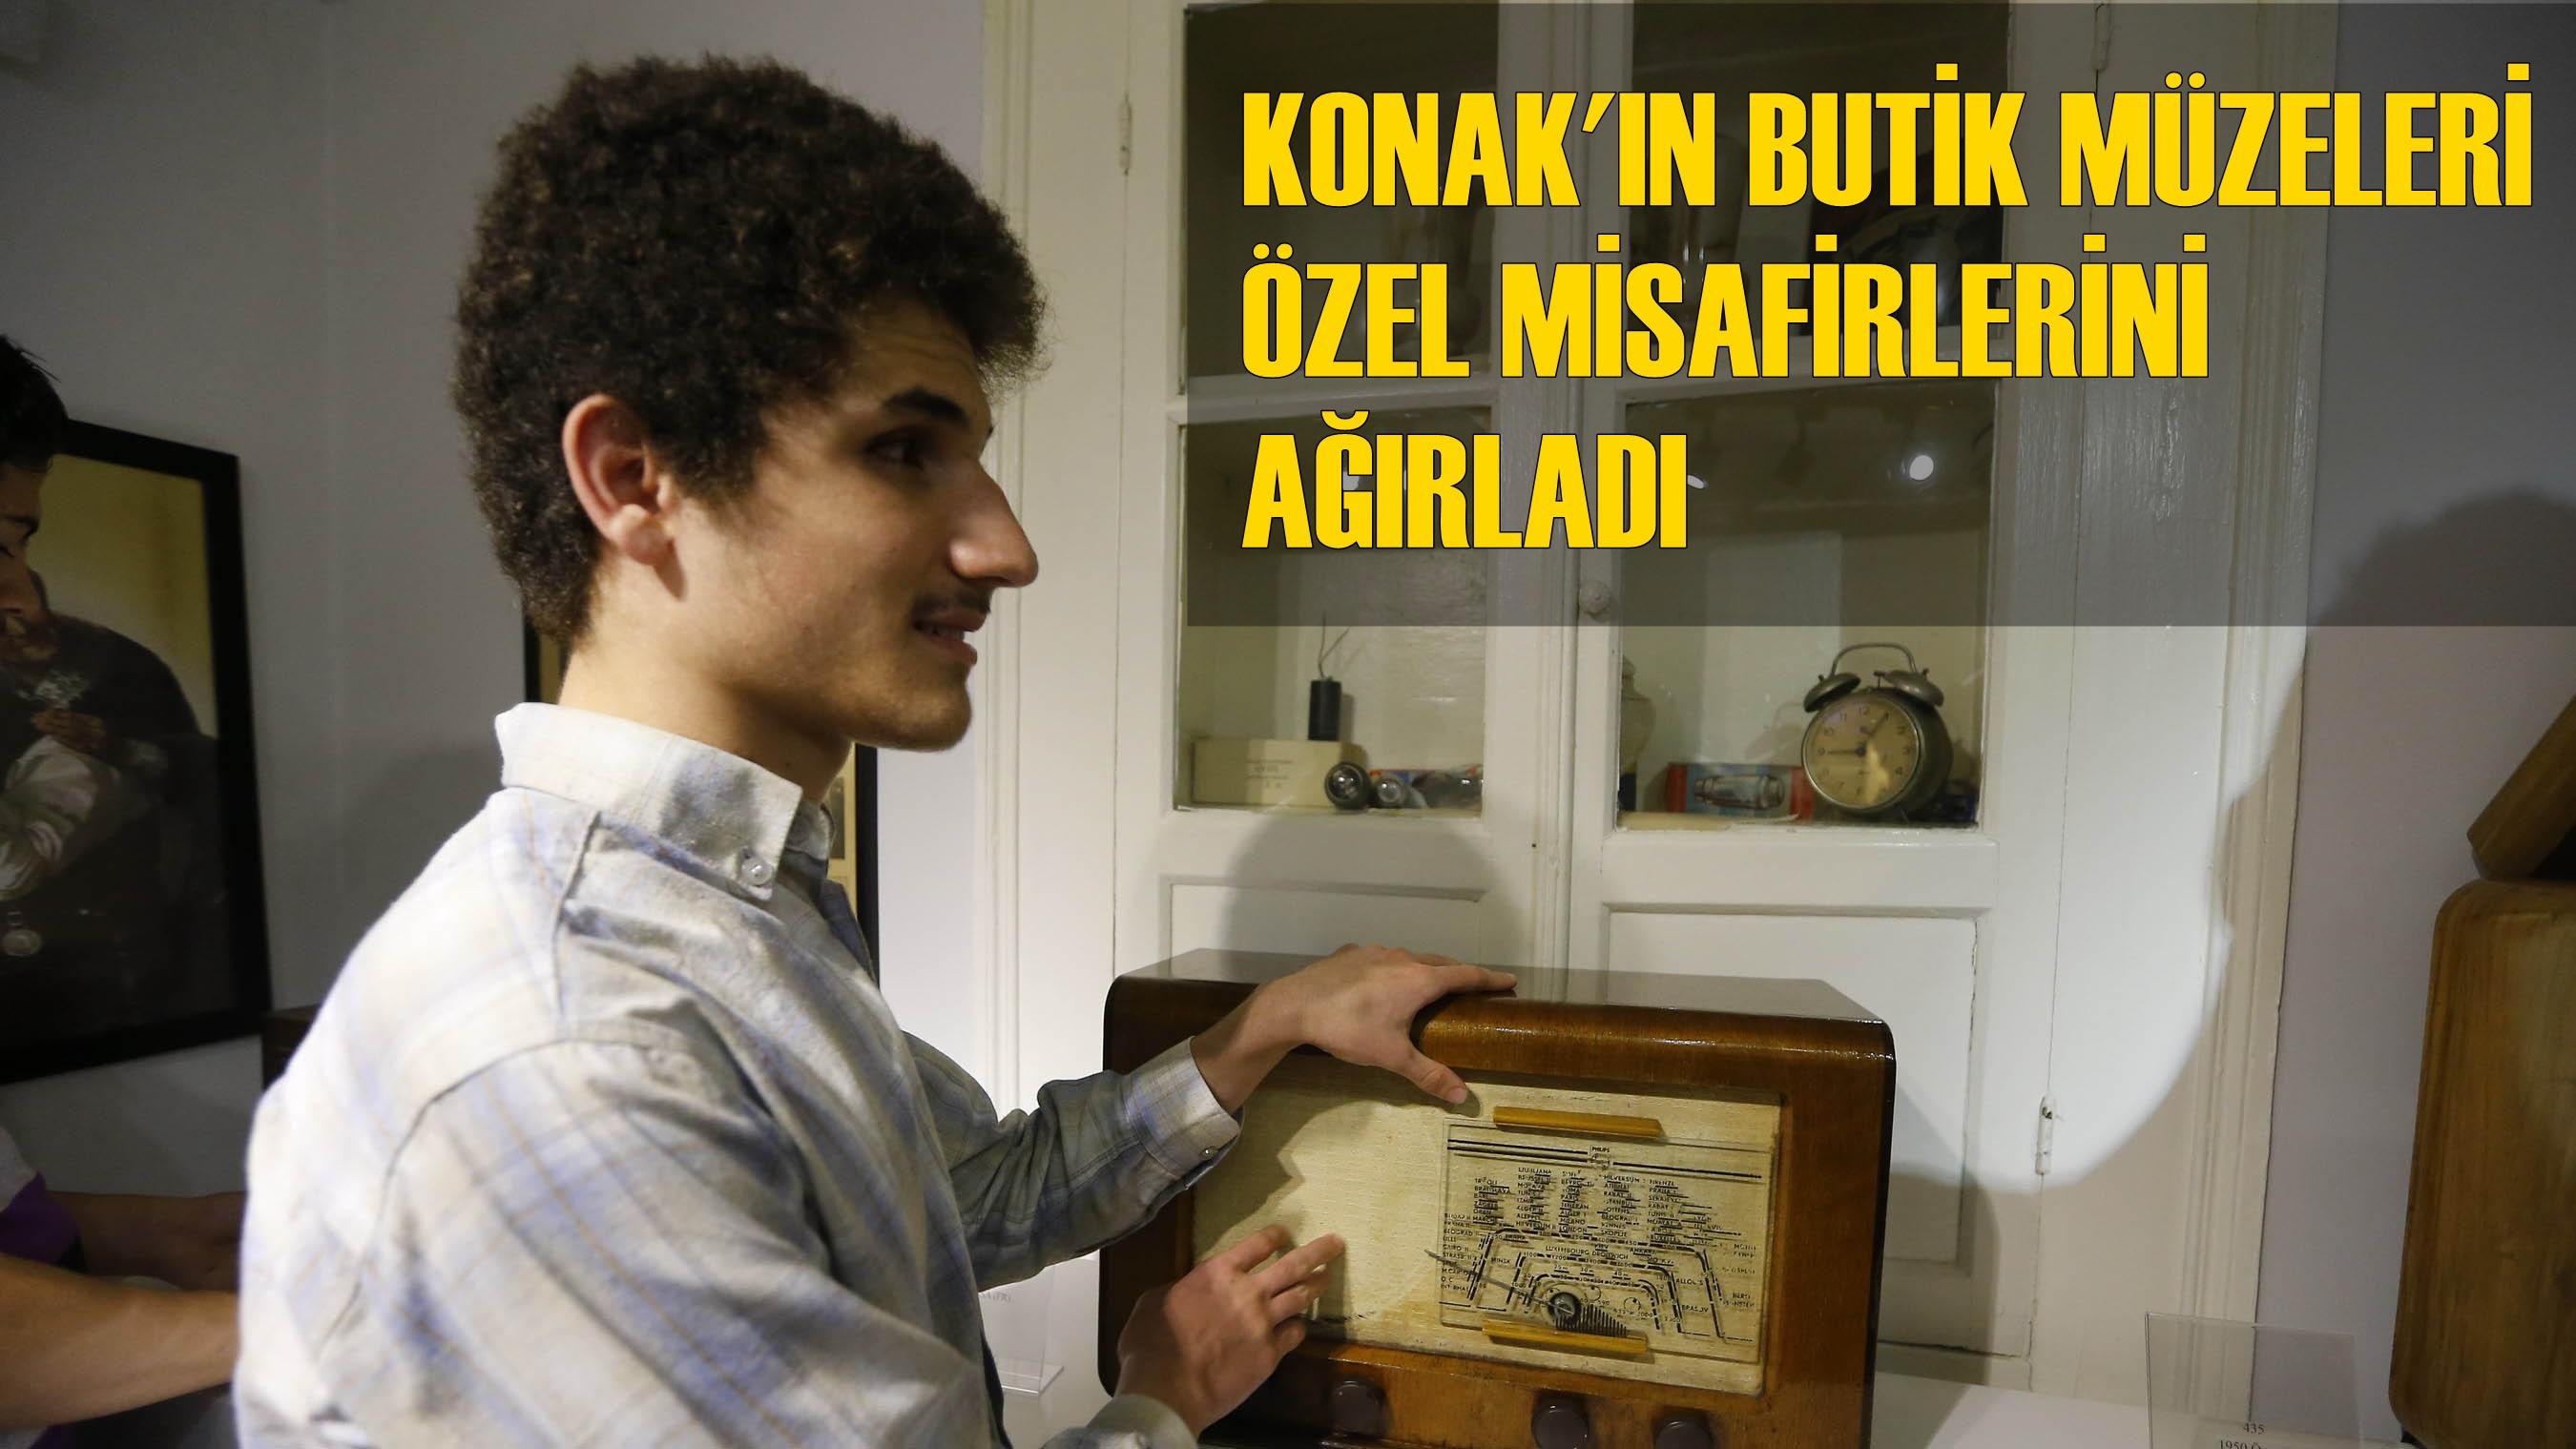 Konak'ın Butik Müzeleri Özel Misafirlerini Ağırladı